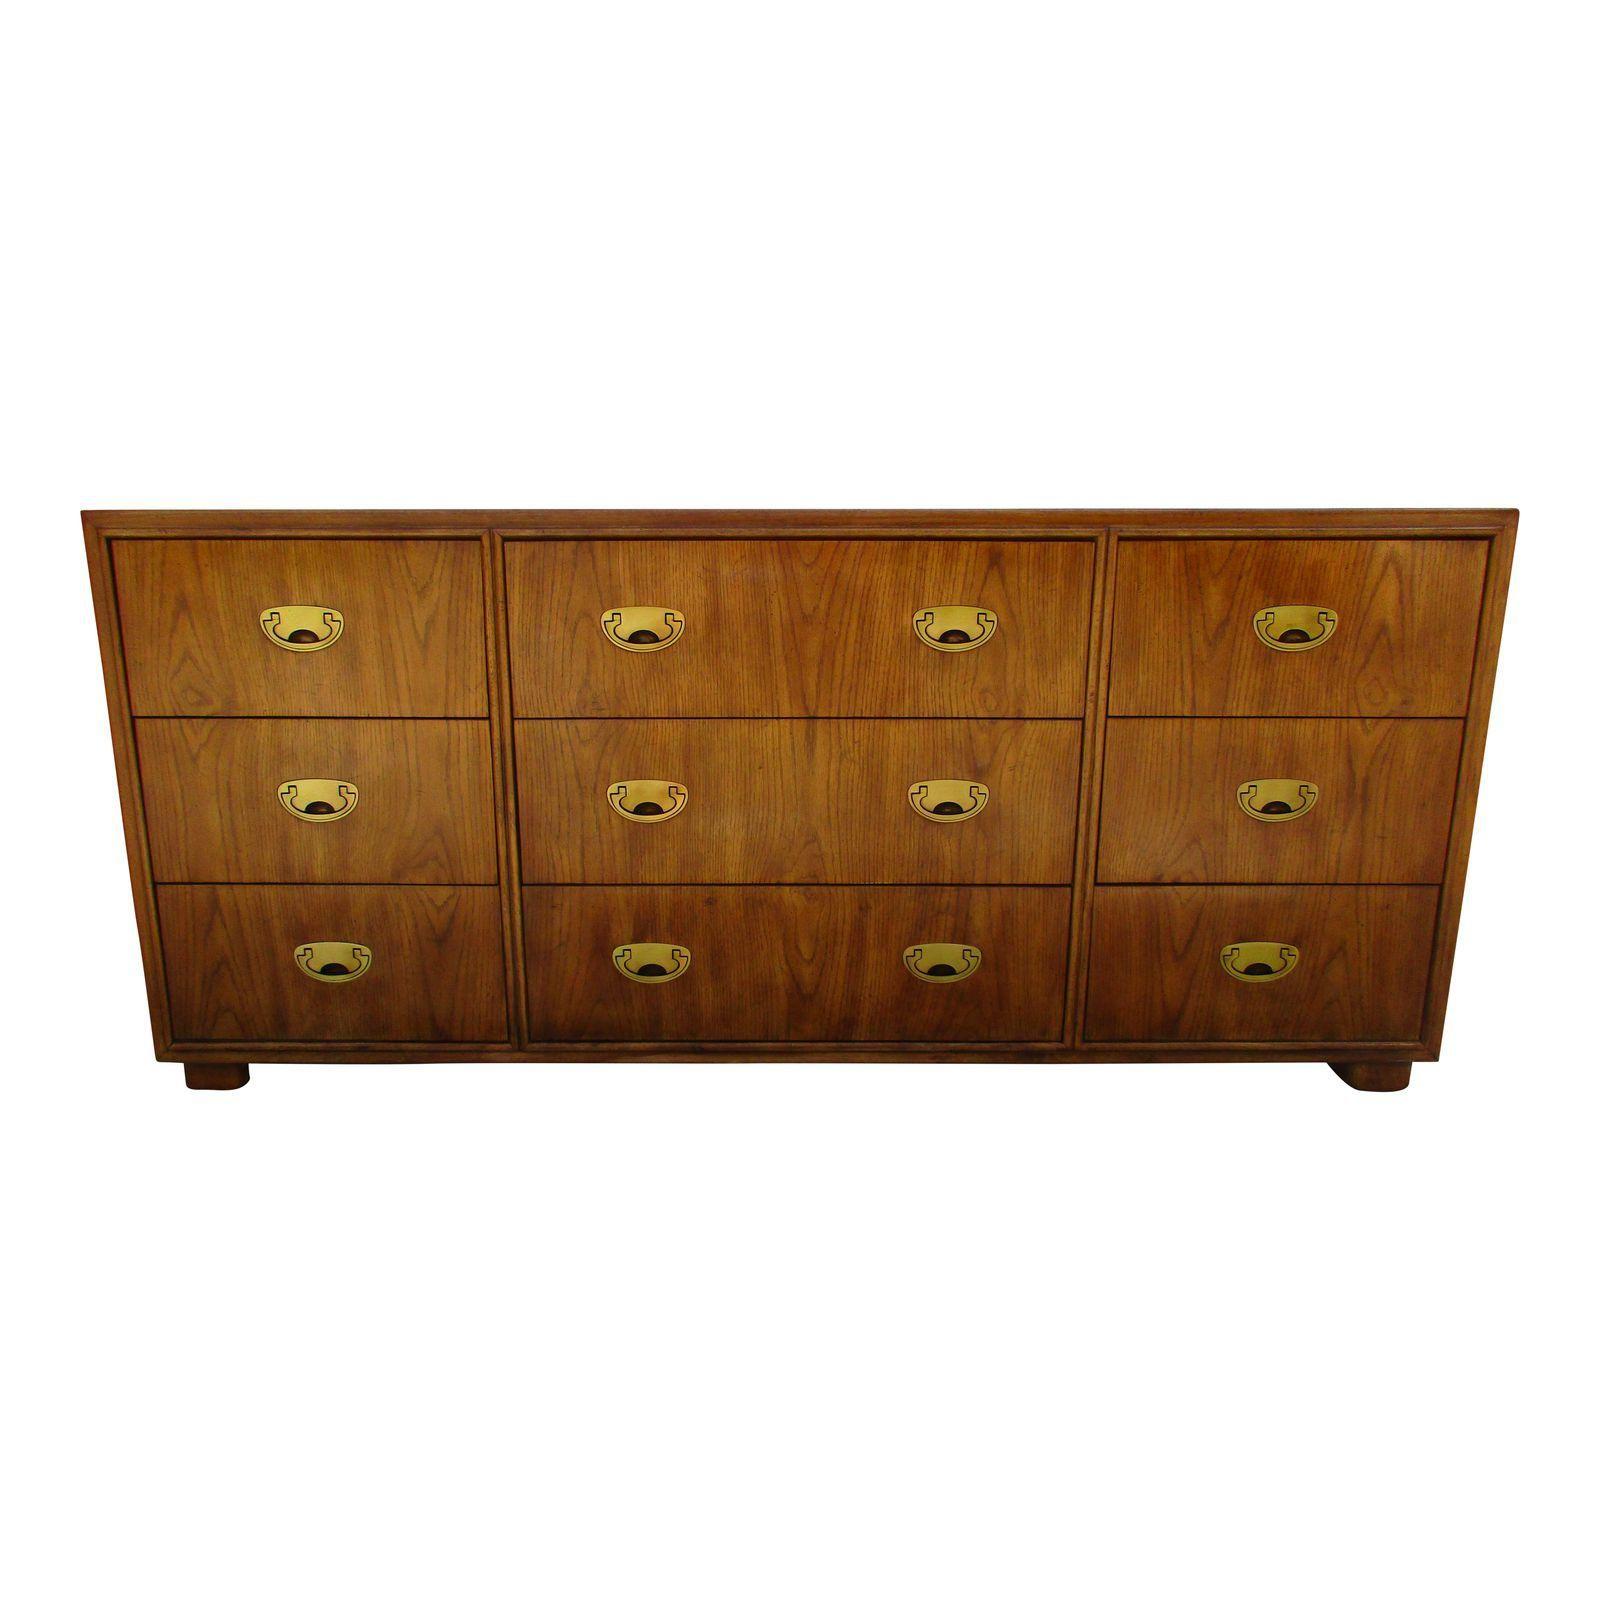 Pin On Drexel Heritage Furniture